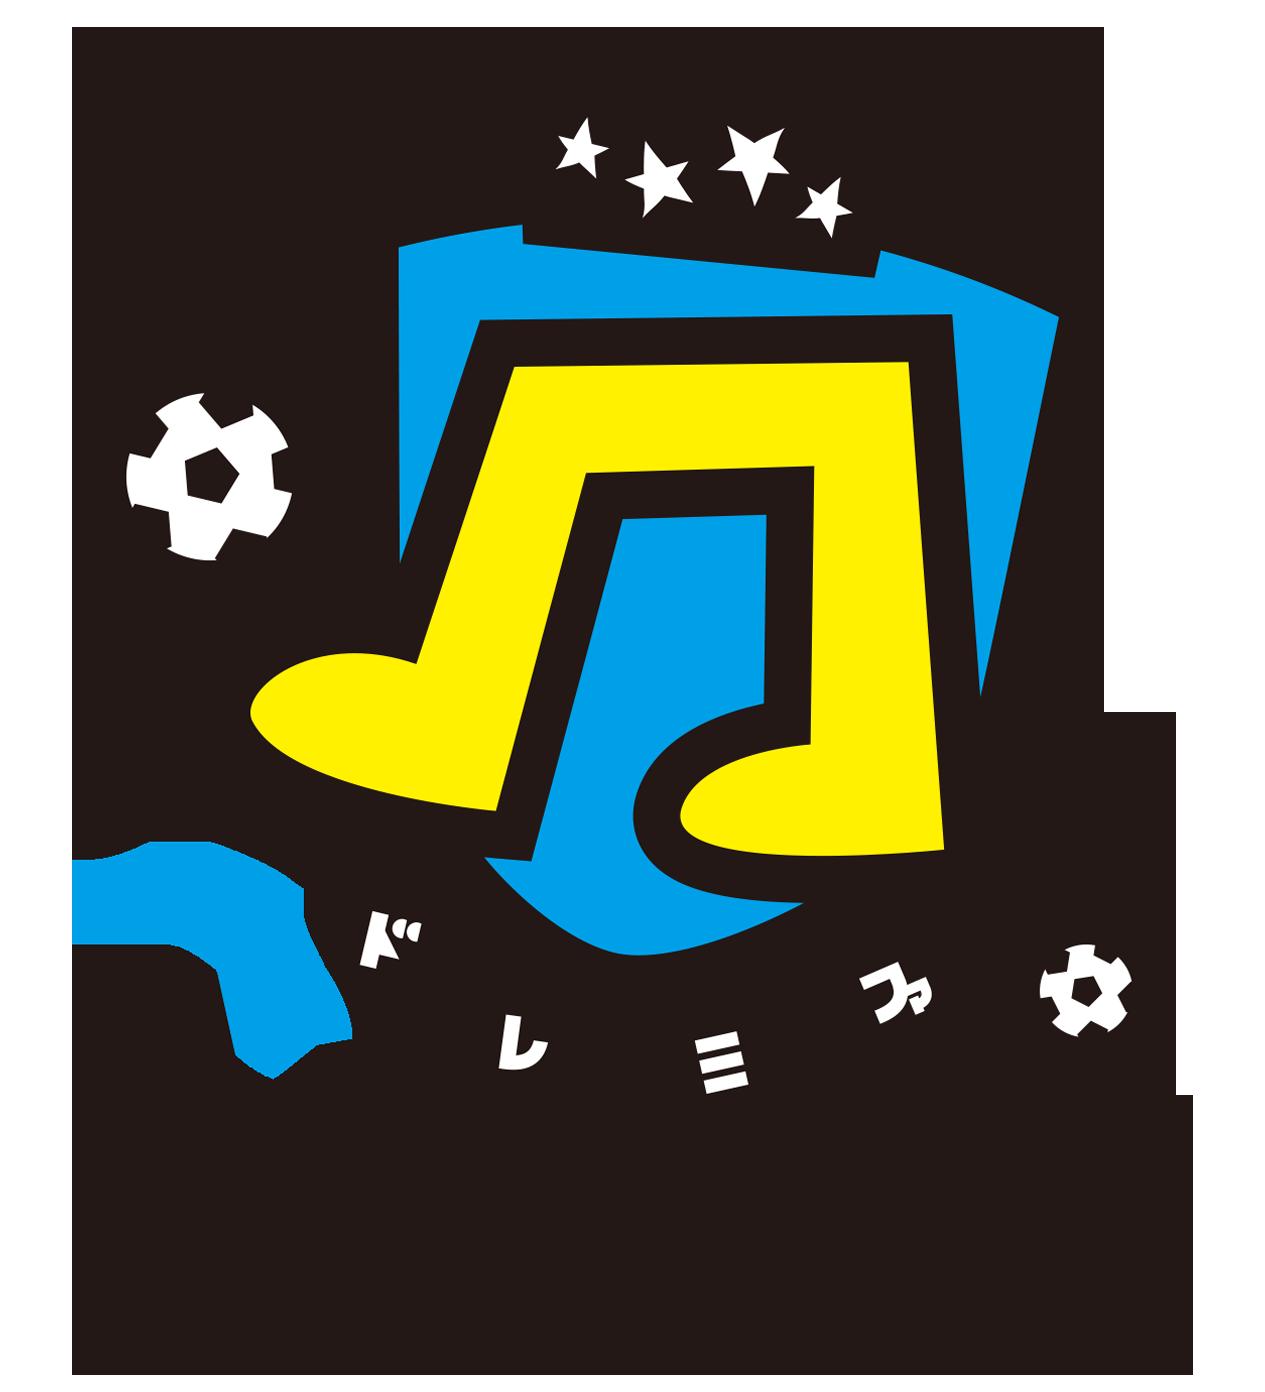 フランチャイズ ロゴ